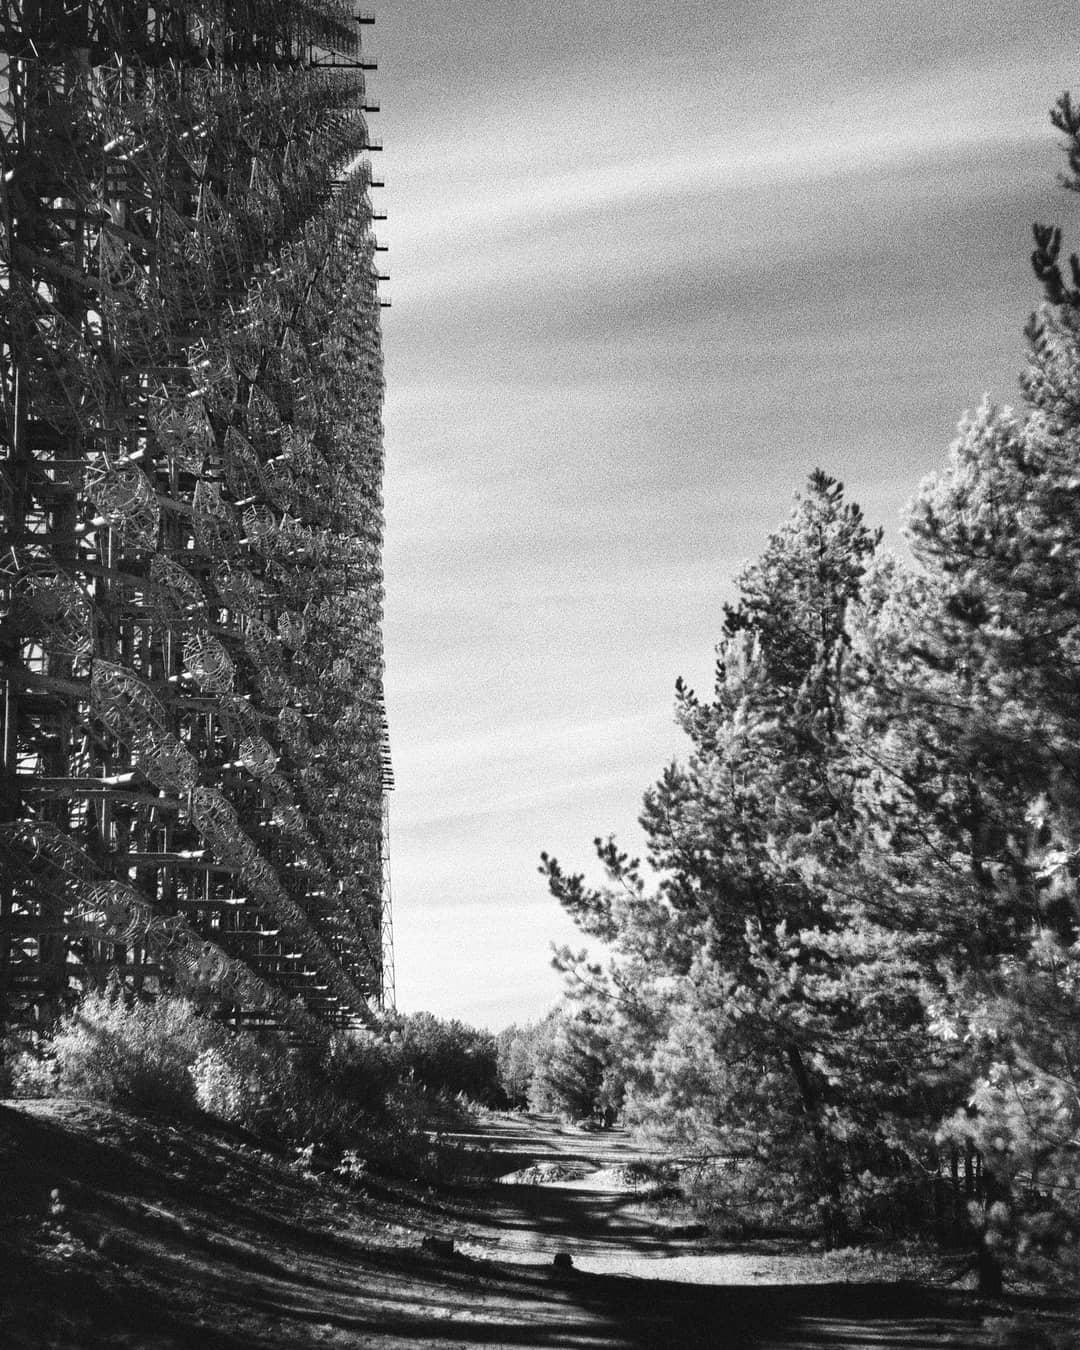 【原発事故】海外の写真家が撮った現在のチェルノブイリとその周辺、なんか神秘的だな・・・・・(画像)・1枚目